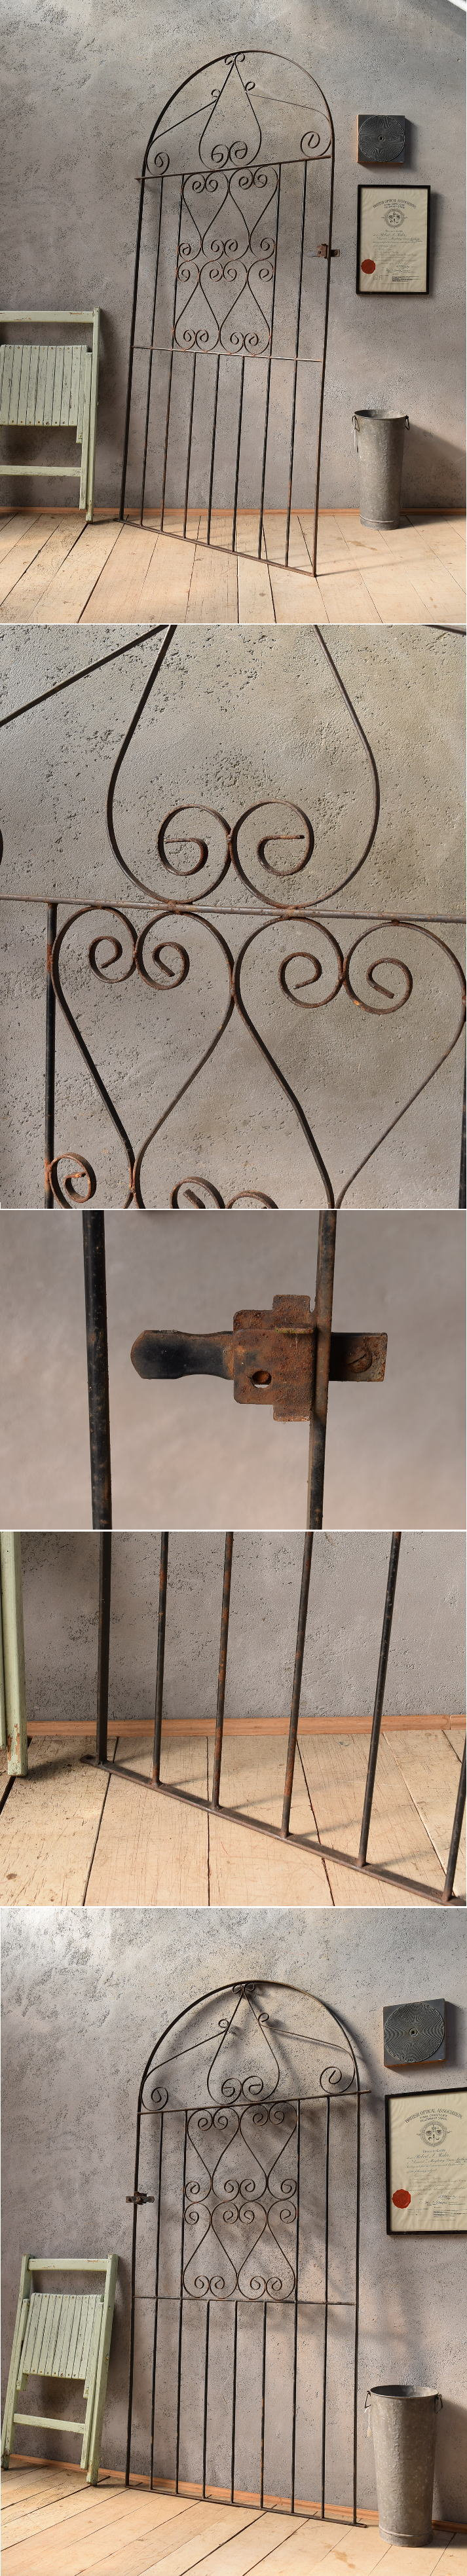 イギリスアンティーク アイアンフェンス ゲート柵 ガーデニング 6601